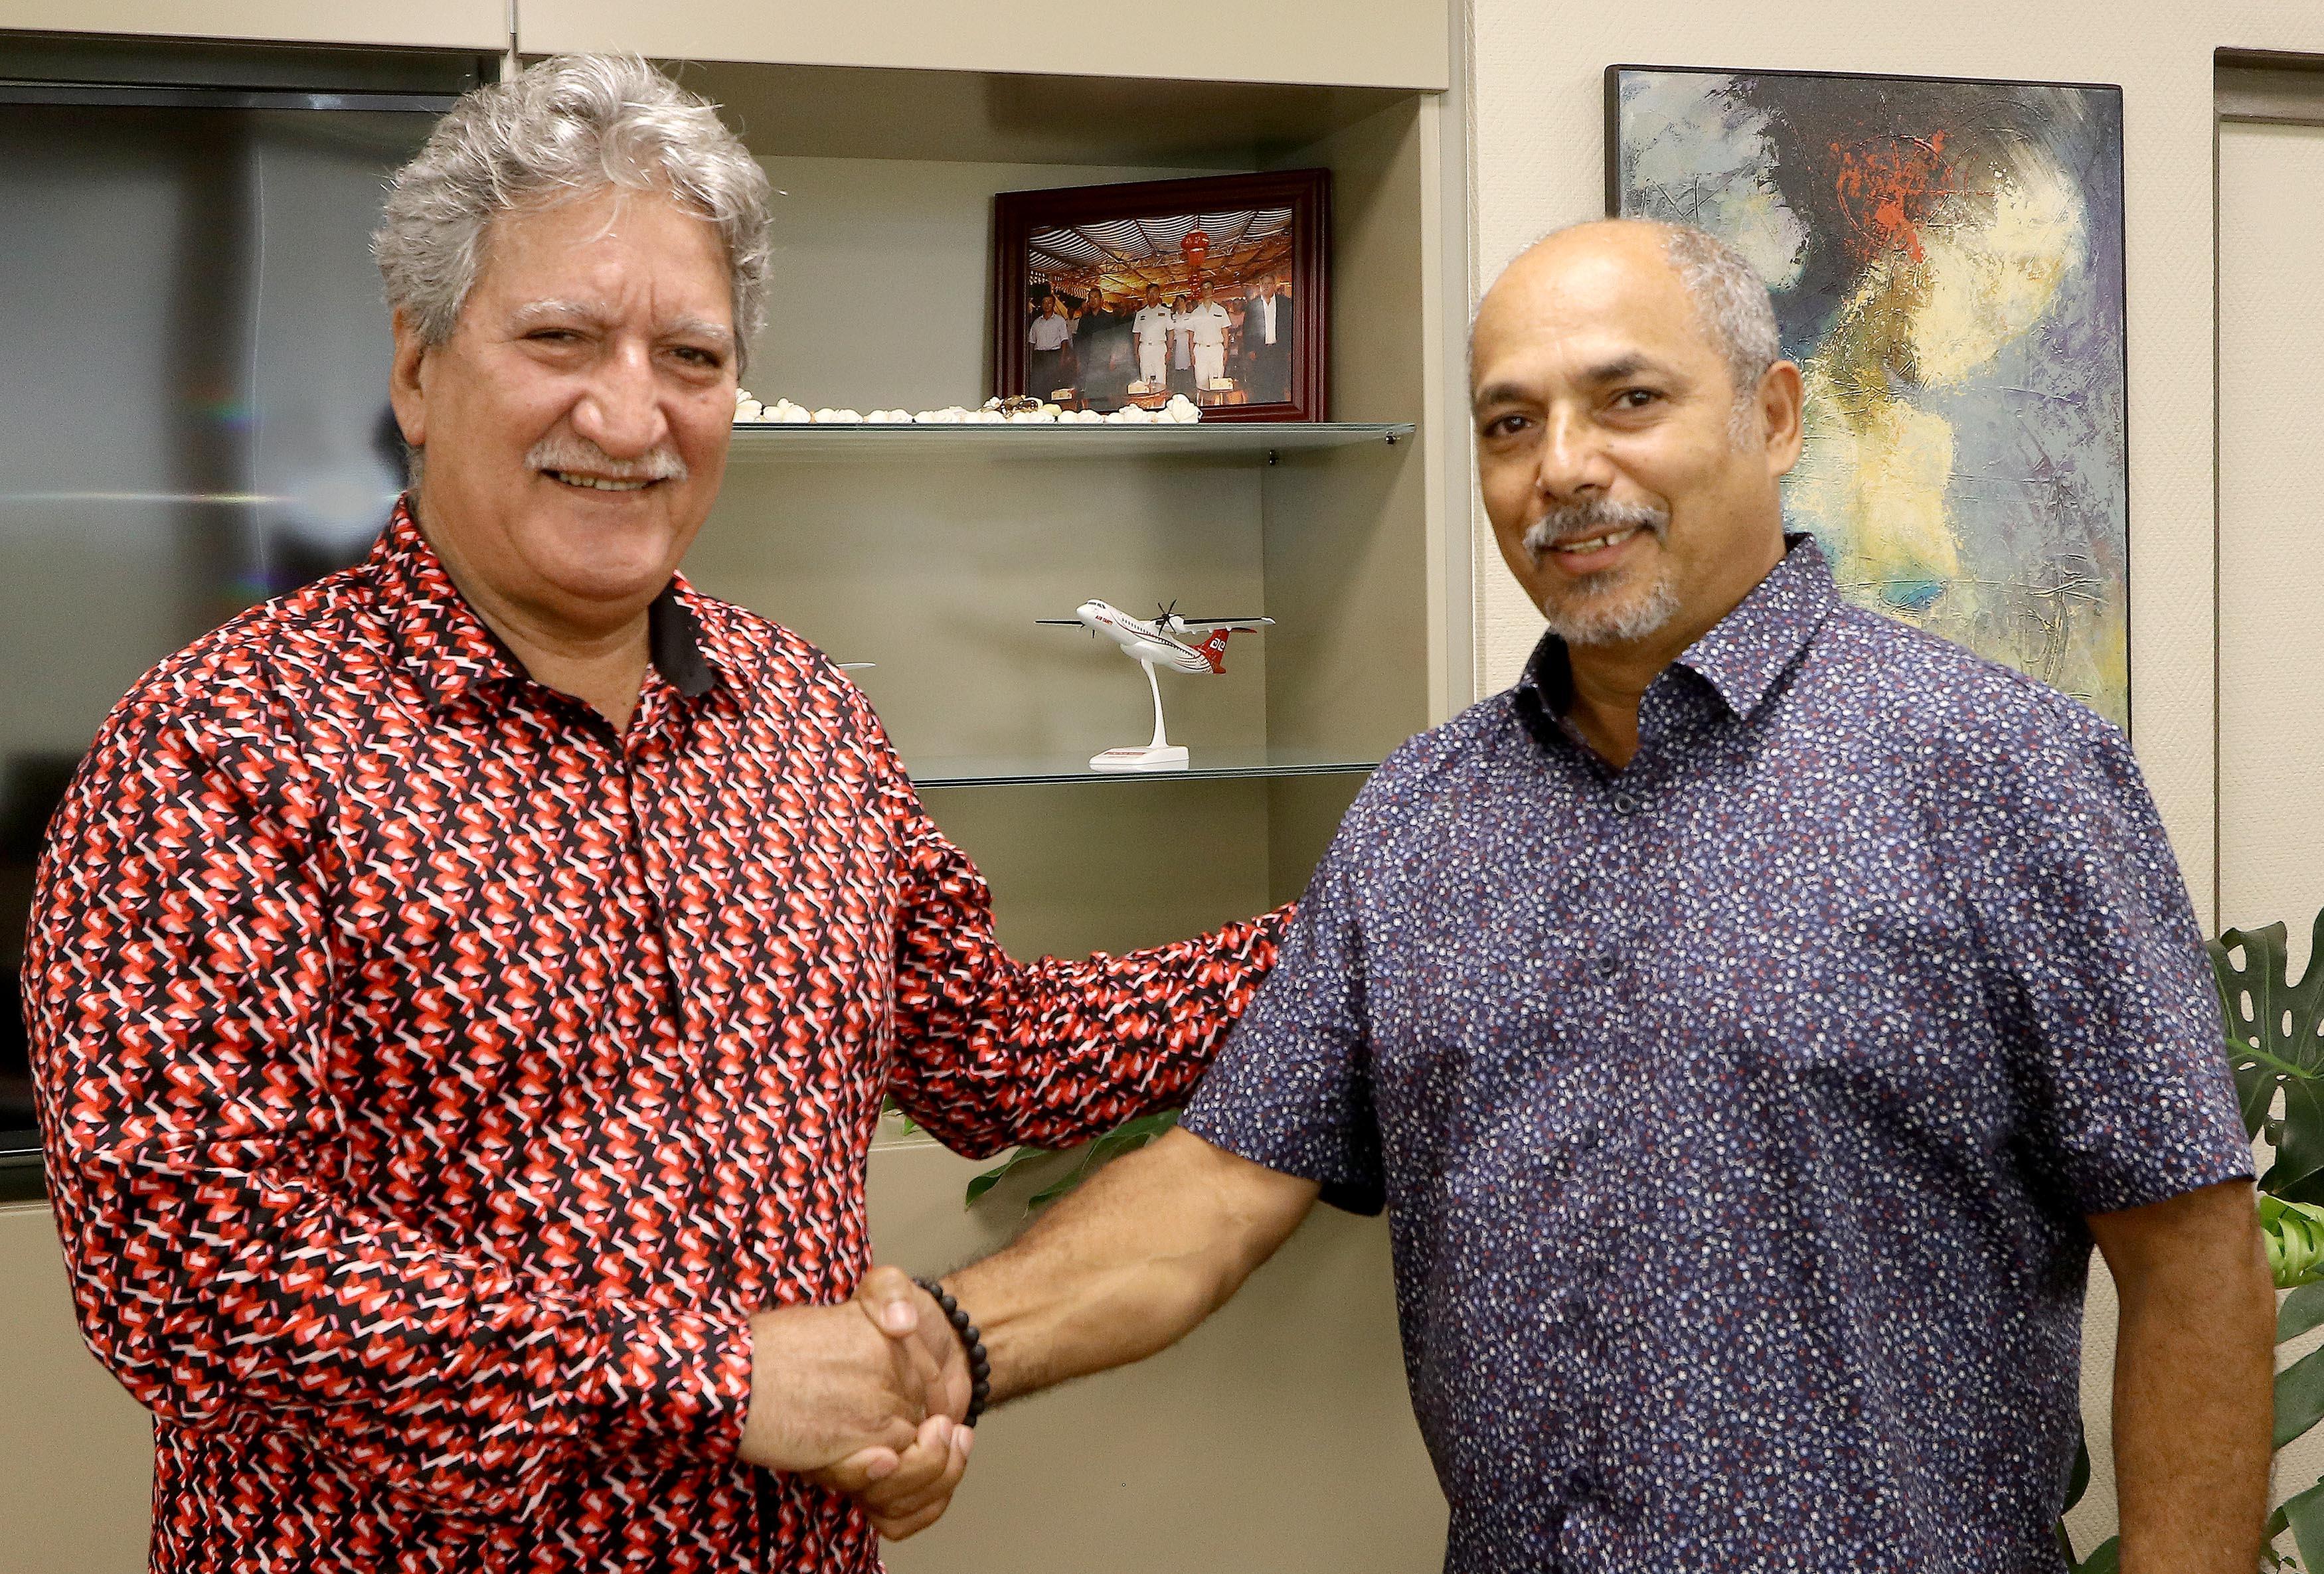 Le ministre du Logement s'entretient avec Gilbert Tyuienon, ministre des transports calédonien